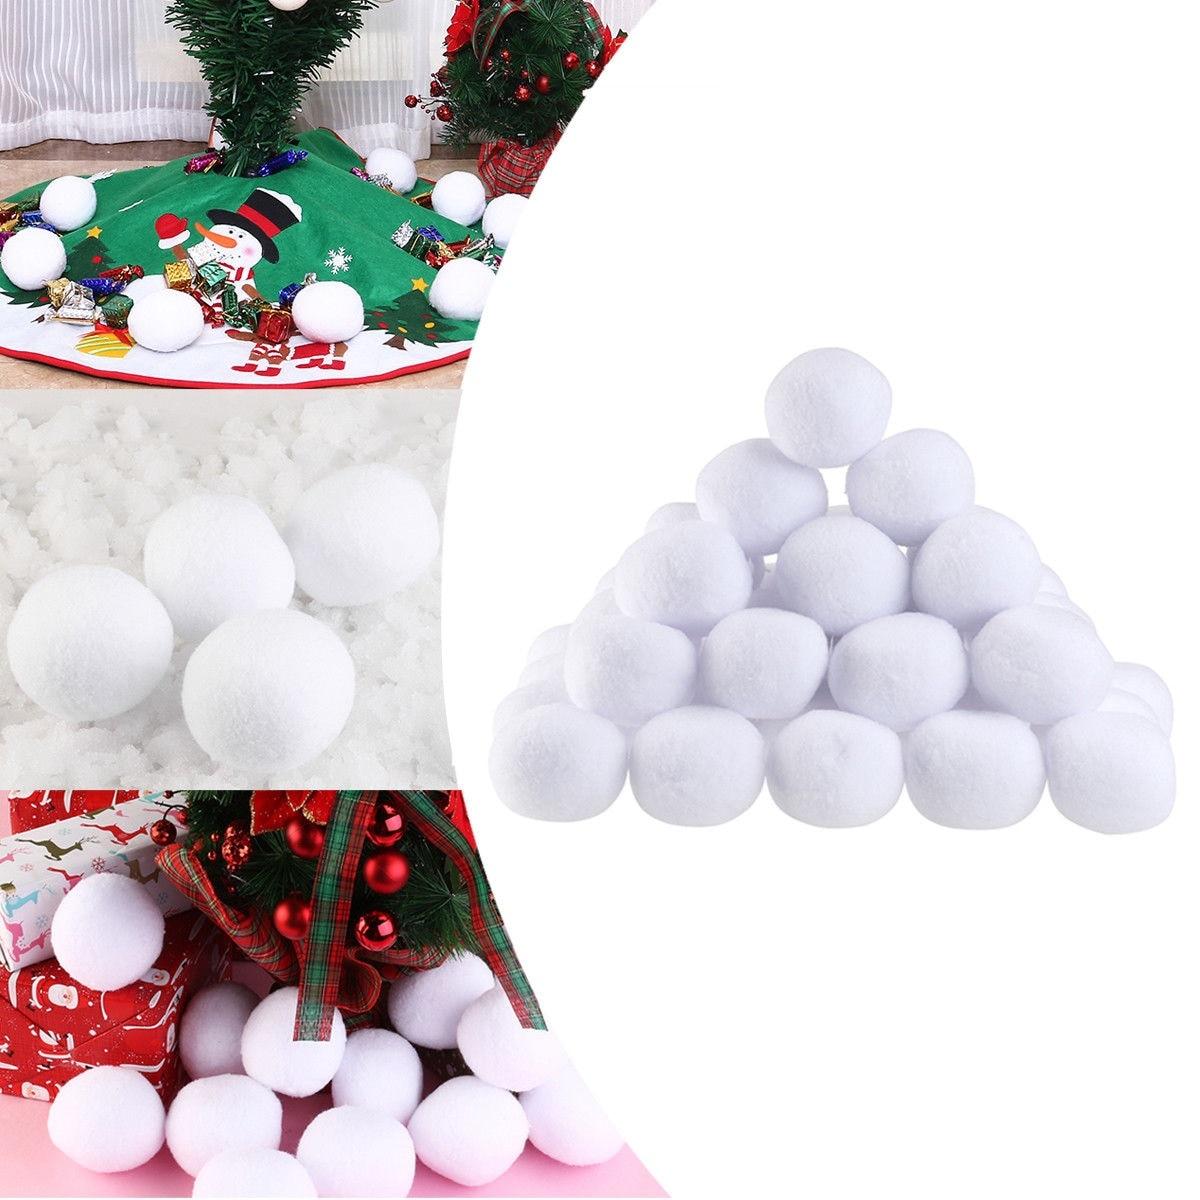 10 шт. 7 см рождественские снежки внутри реалистичные мягкие плюшевые снежные шары рождественские украшения